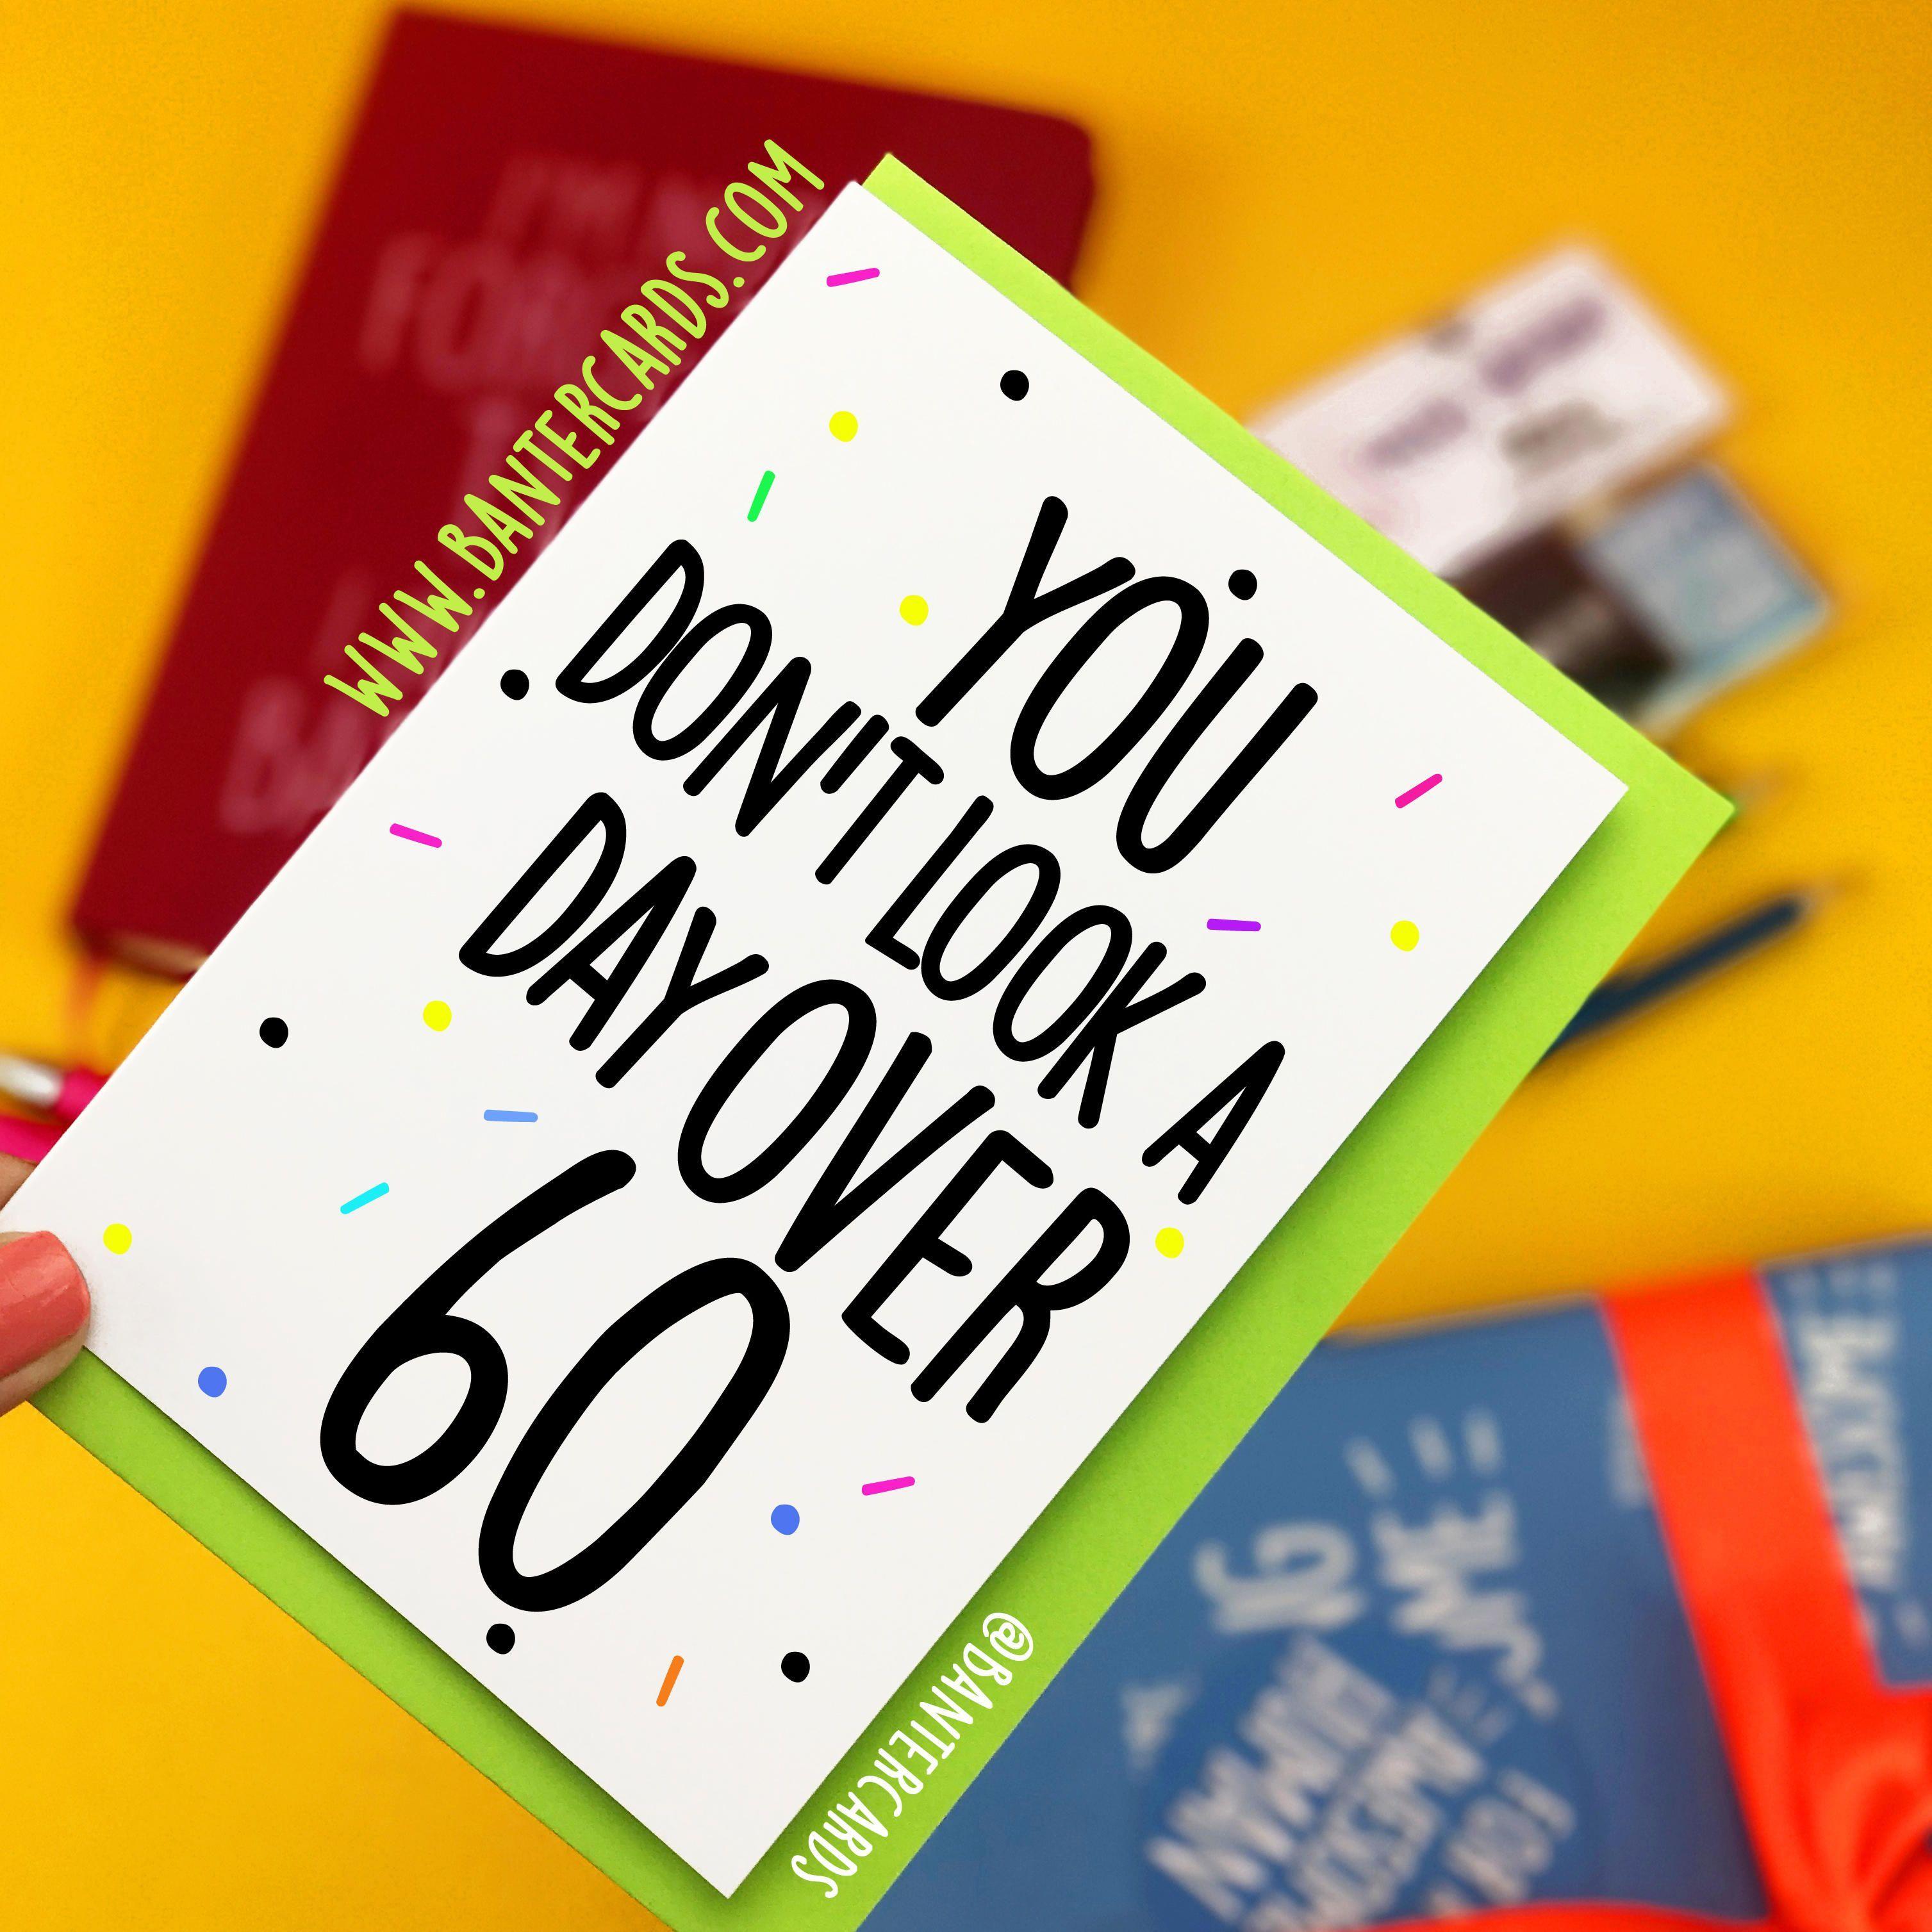 Geburtstagswunsche 60 onkel